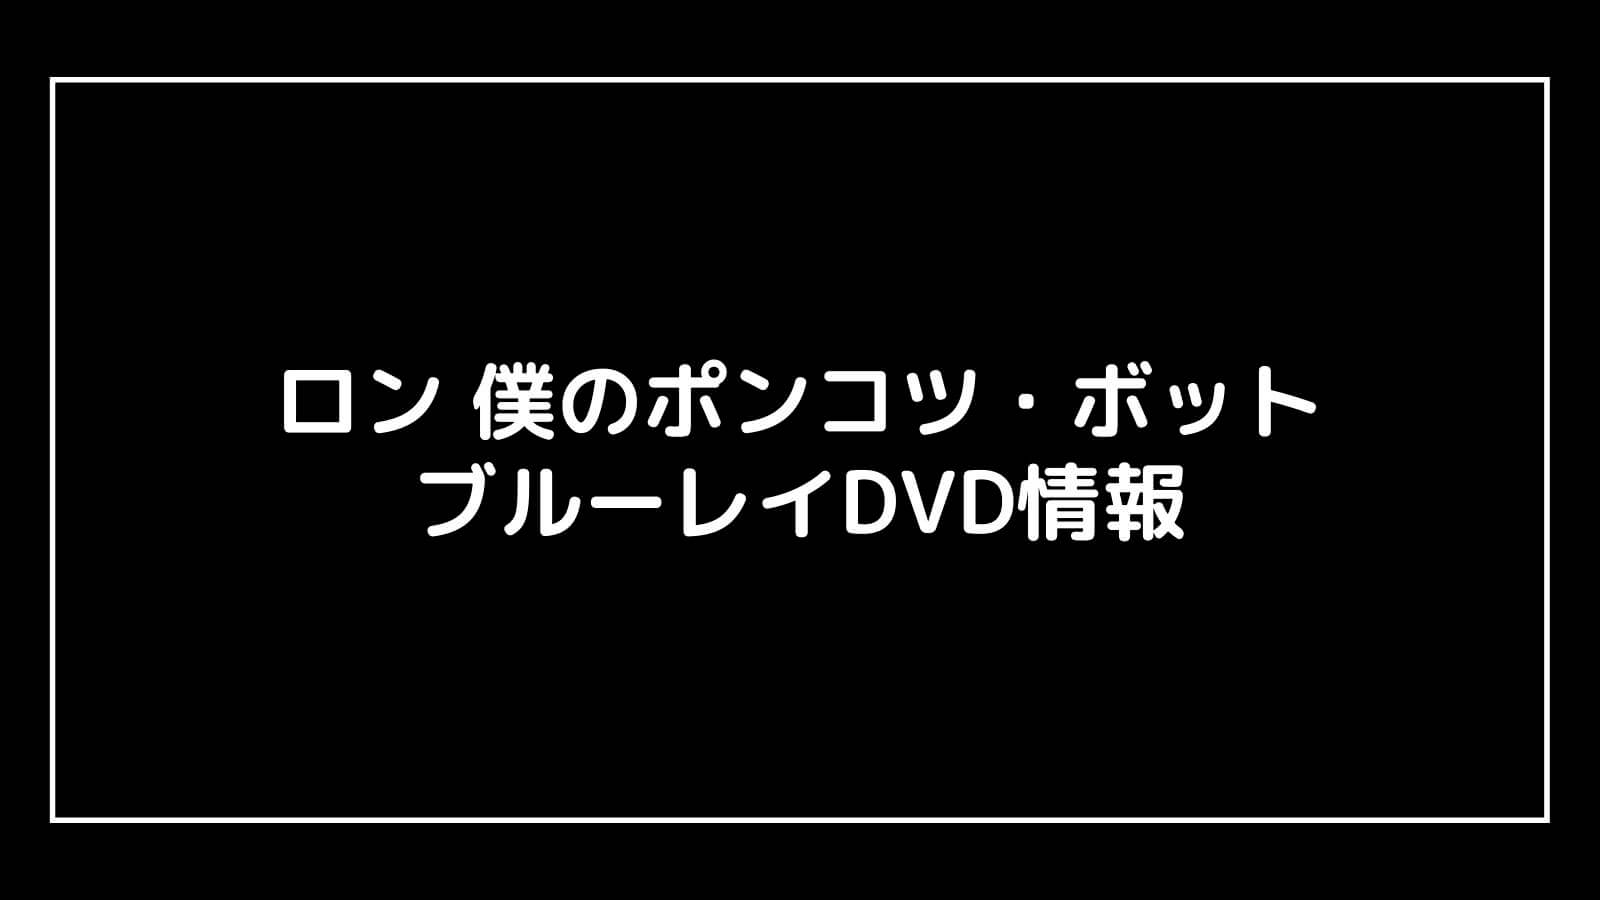 映画『ロン 僕のポンコツ・ボット』のDVD発売日と予約開始日はいつから?円盤情報まとめ